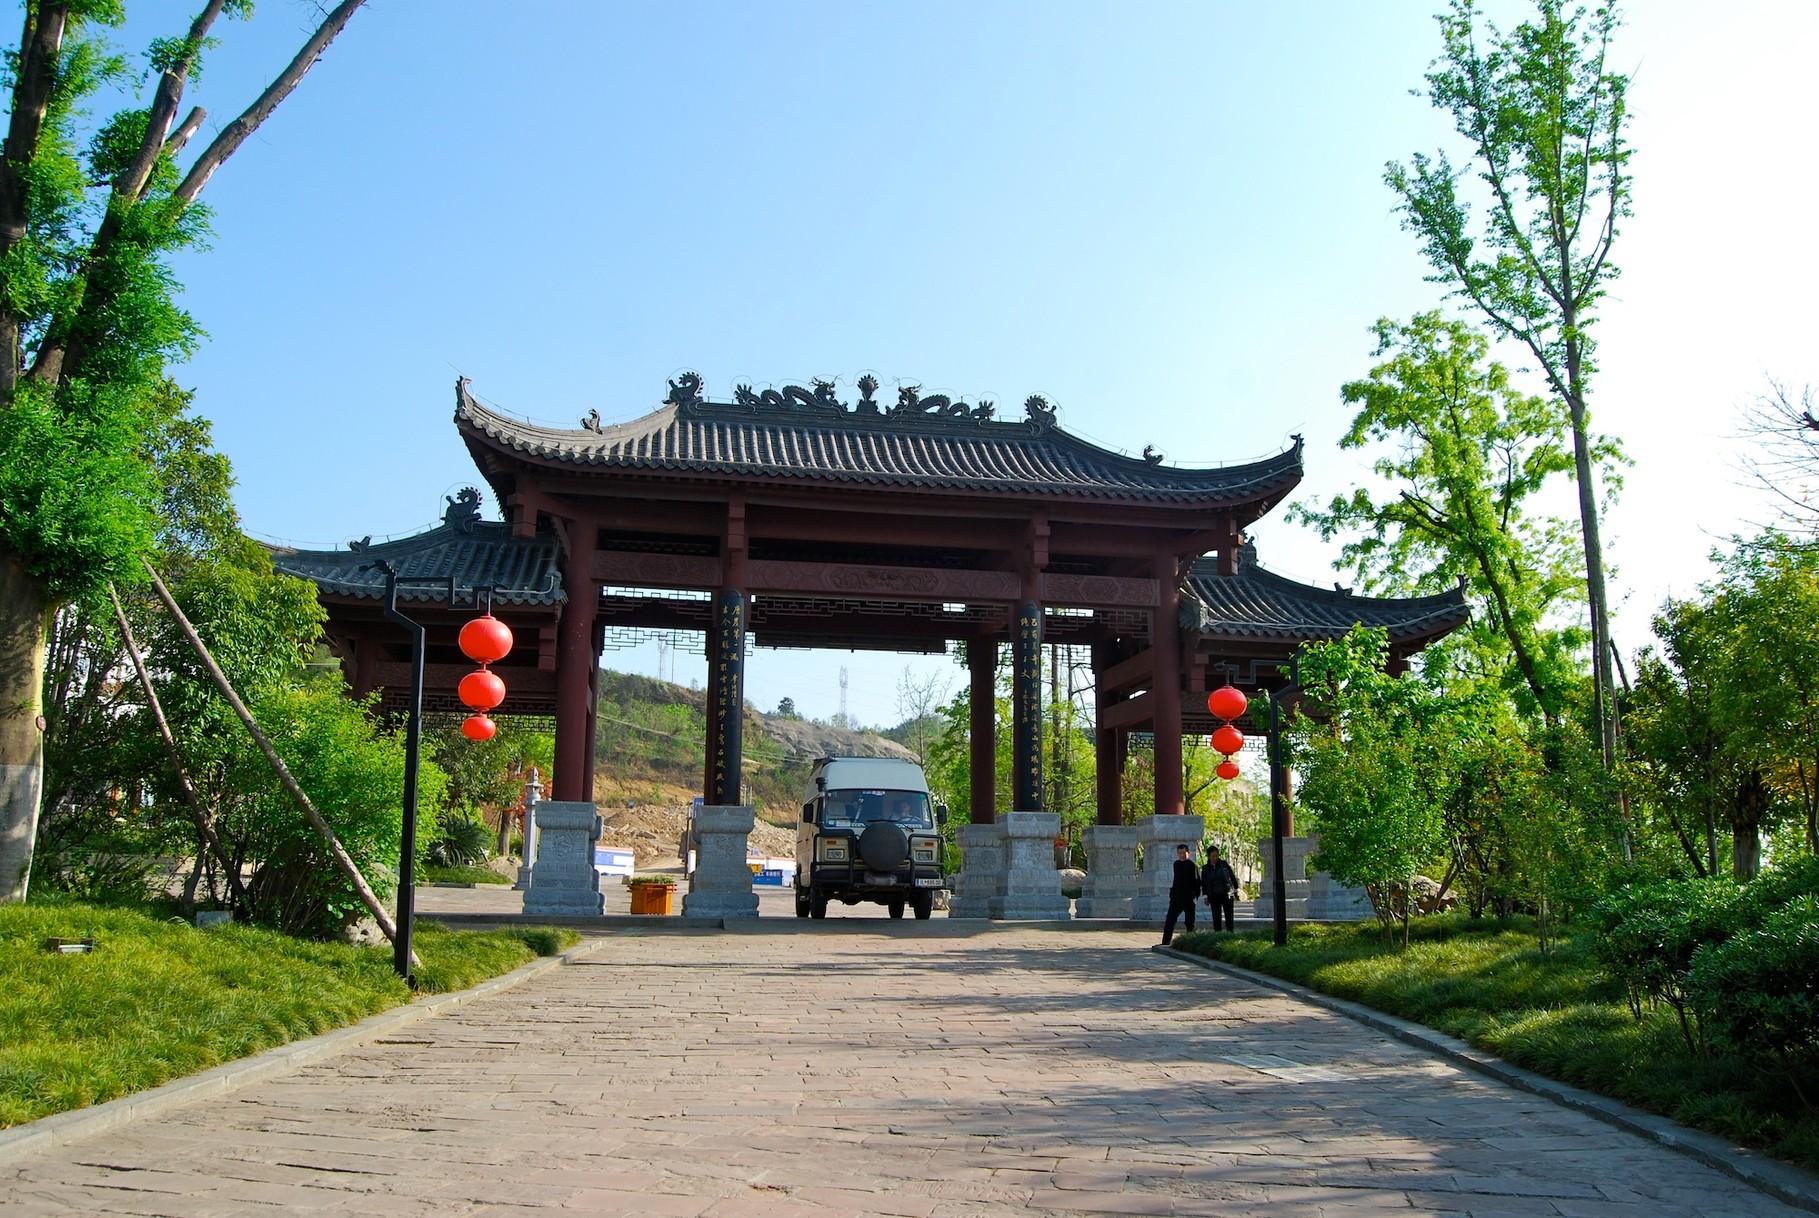 Tor in Guangyuan